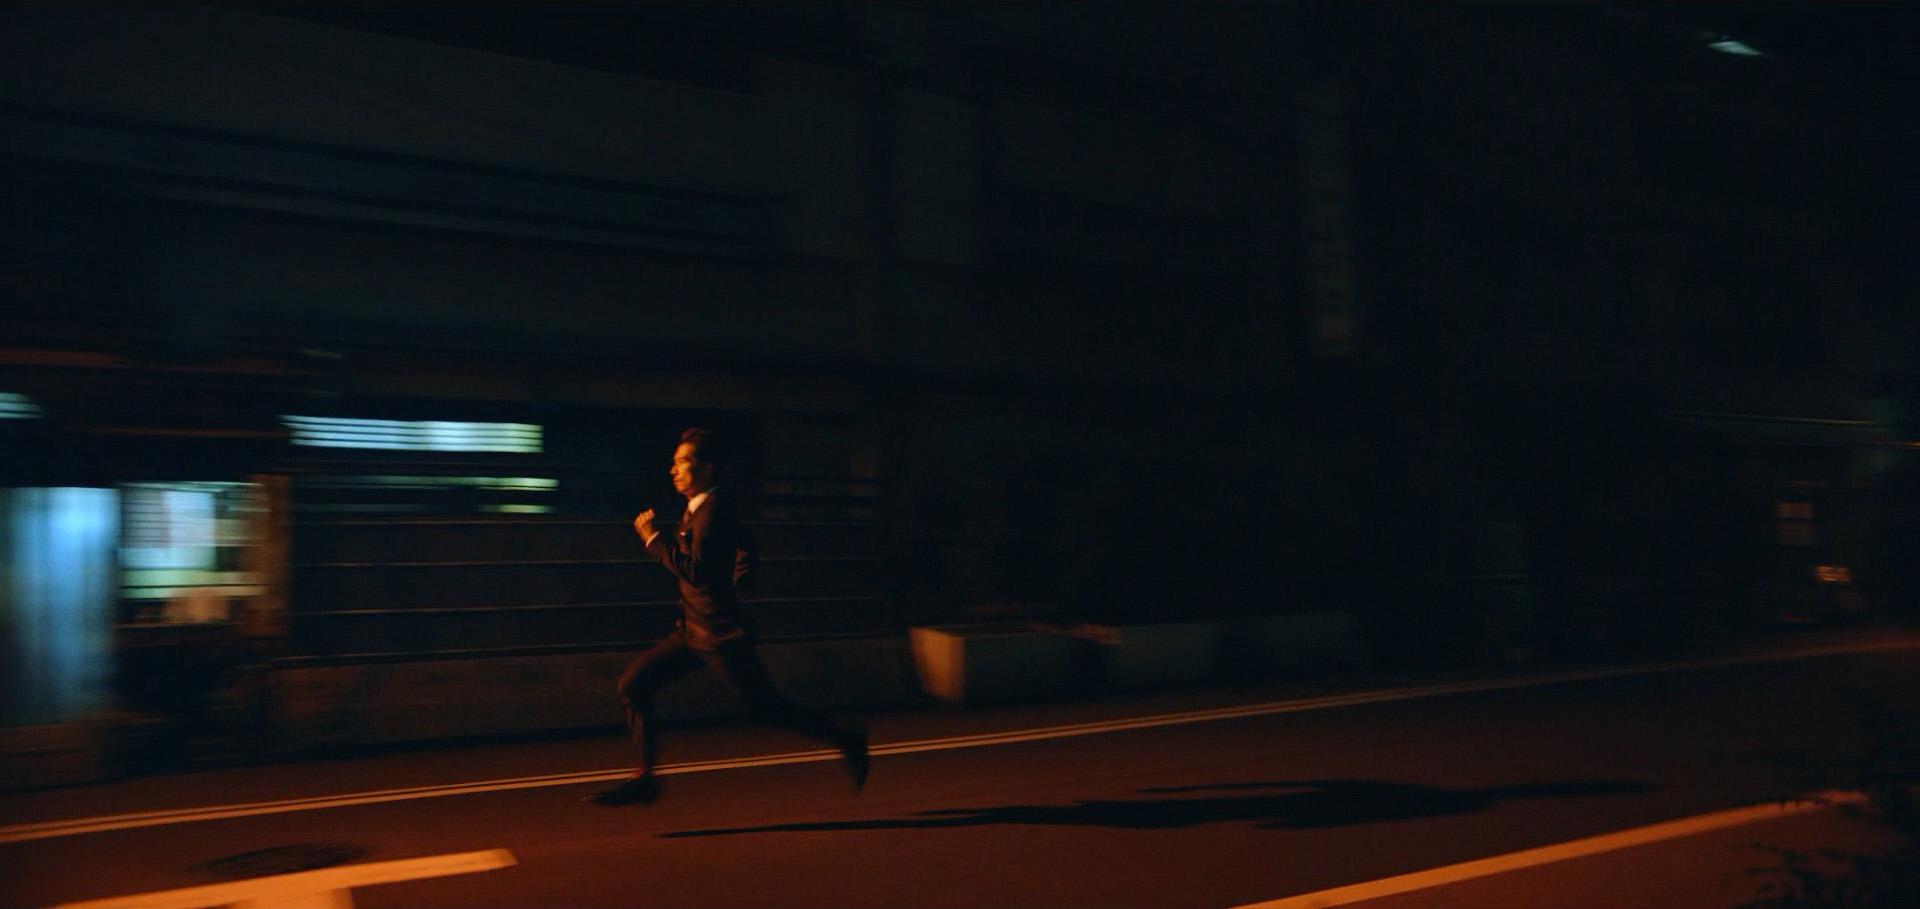 032 - Audi - Runner-0104